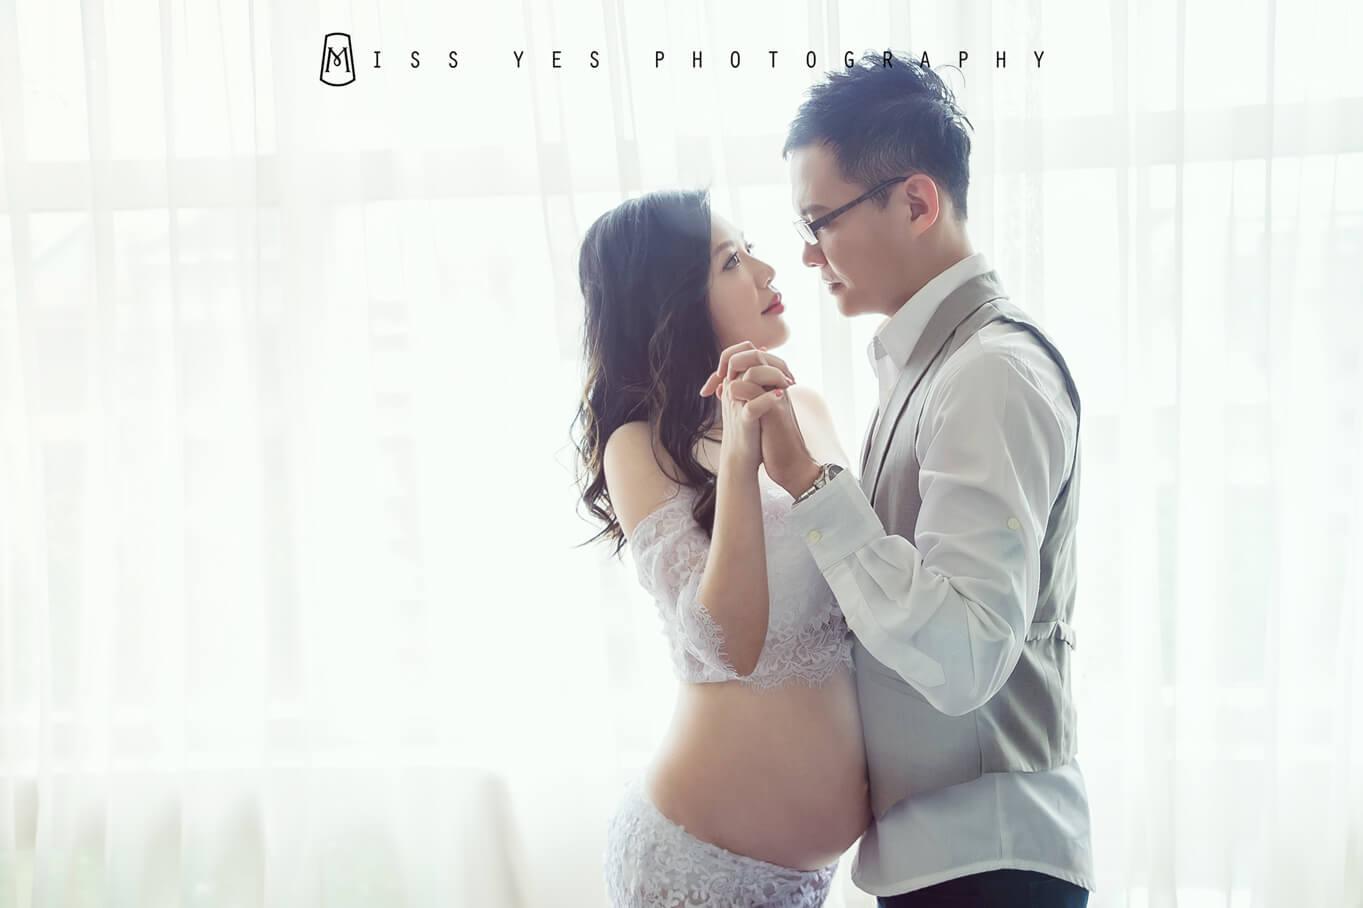 孕婦寫真,女攝影師,孕媽咪,癡情,玖壹壹